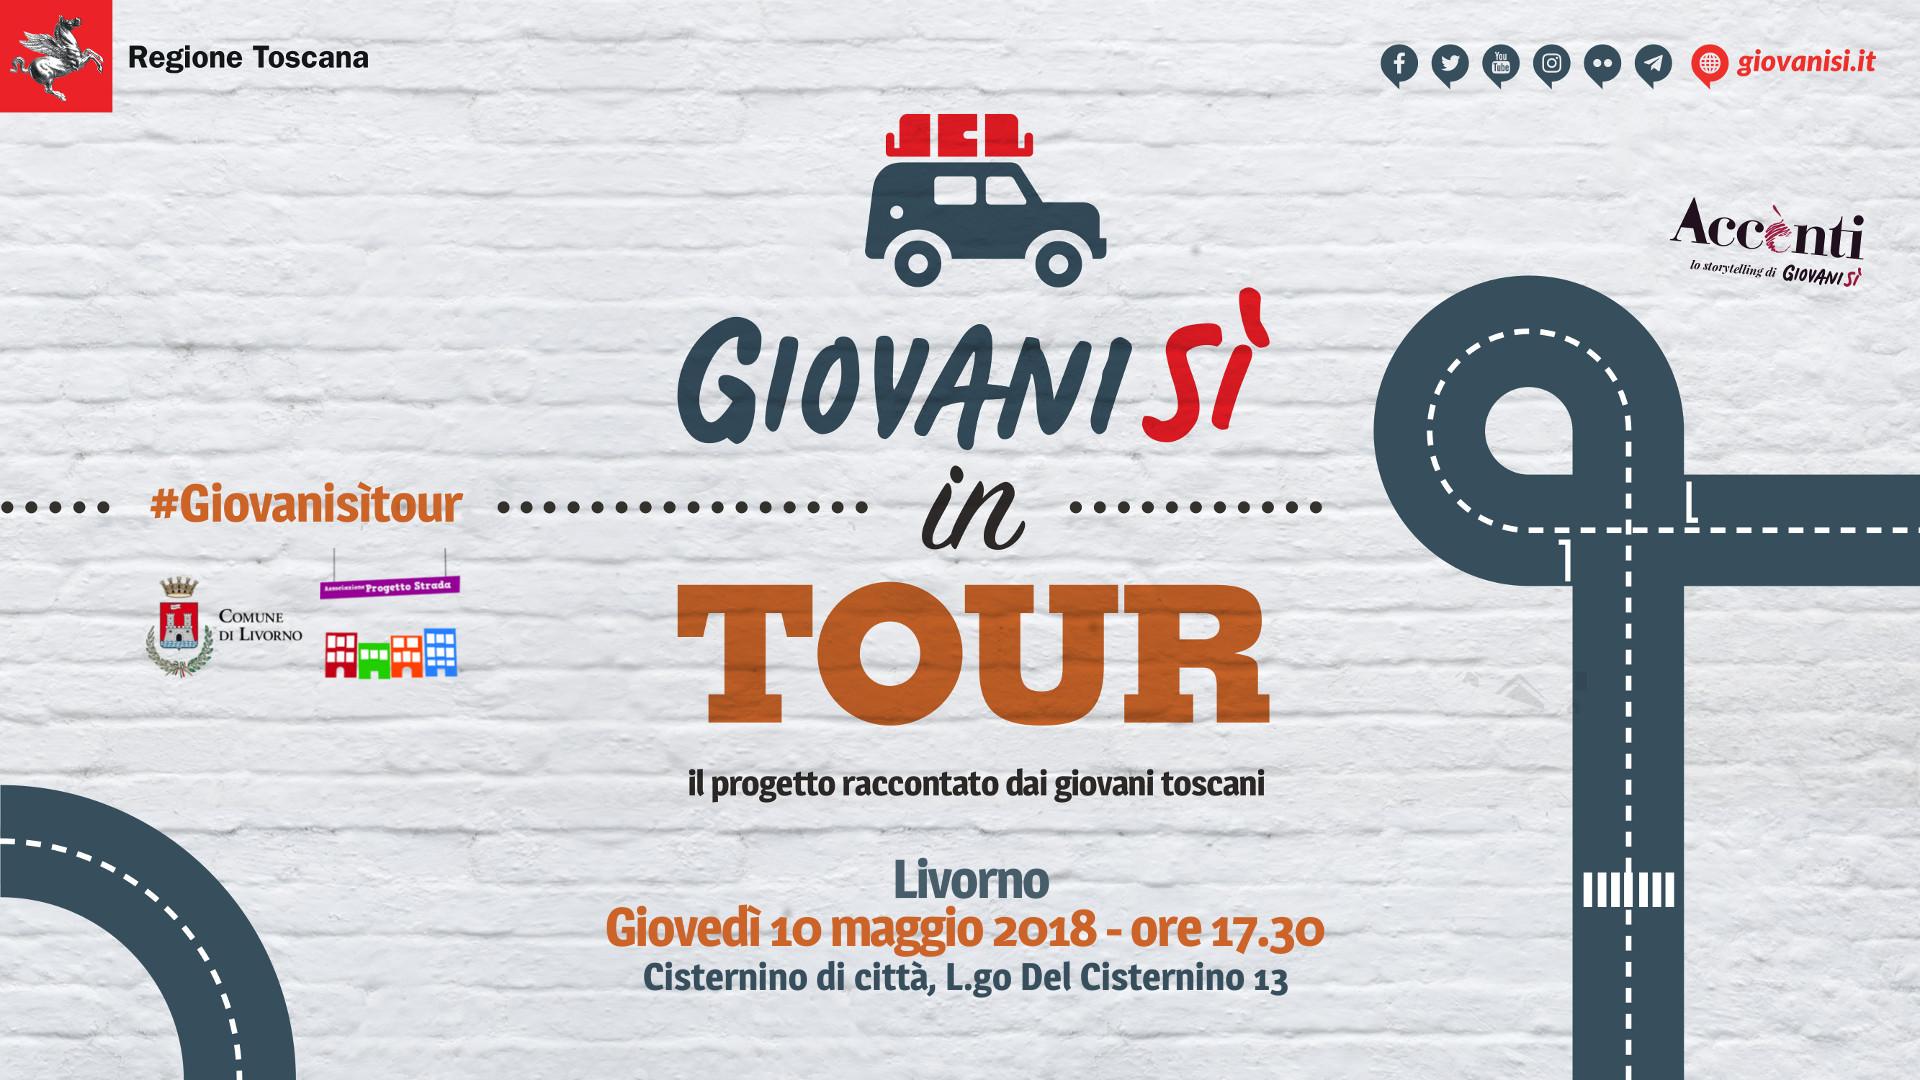 &#8220;Giovanisì in tour: il progetto raccontato dai giovani toscani&#8221; il 10/5 a Livorno <div class='giovanisi-subtitle'>Alle 17.30 c/o Cisternino di città, L.go del Cisternino 13 - Livorno </div>